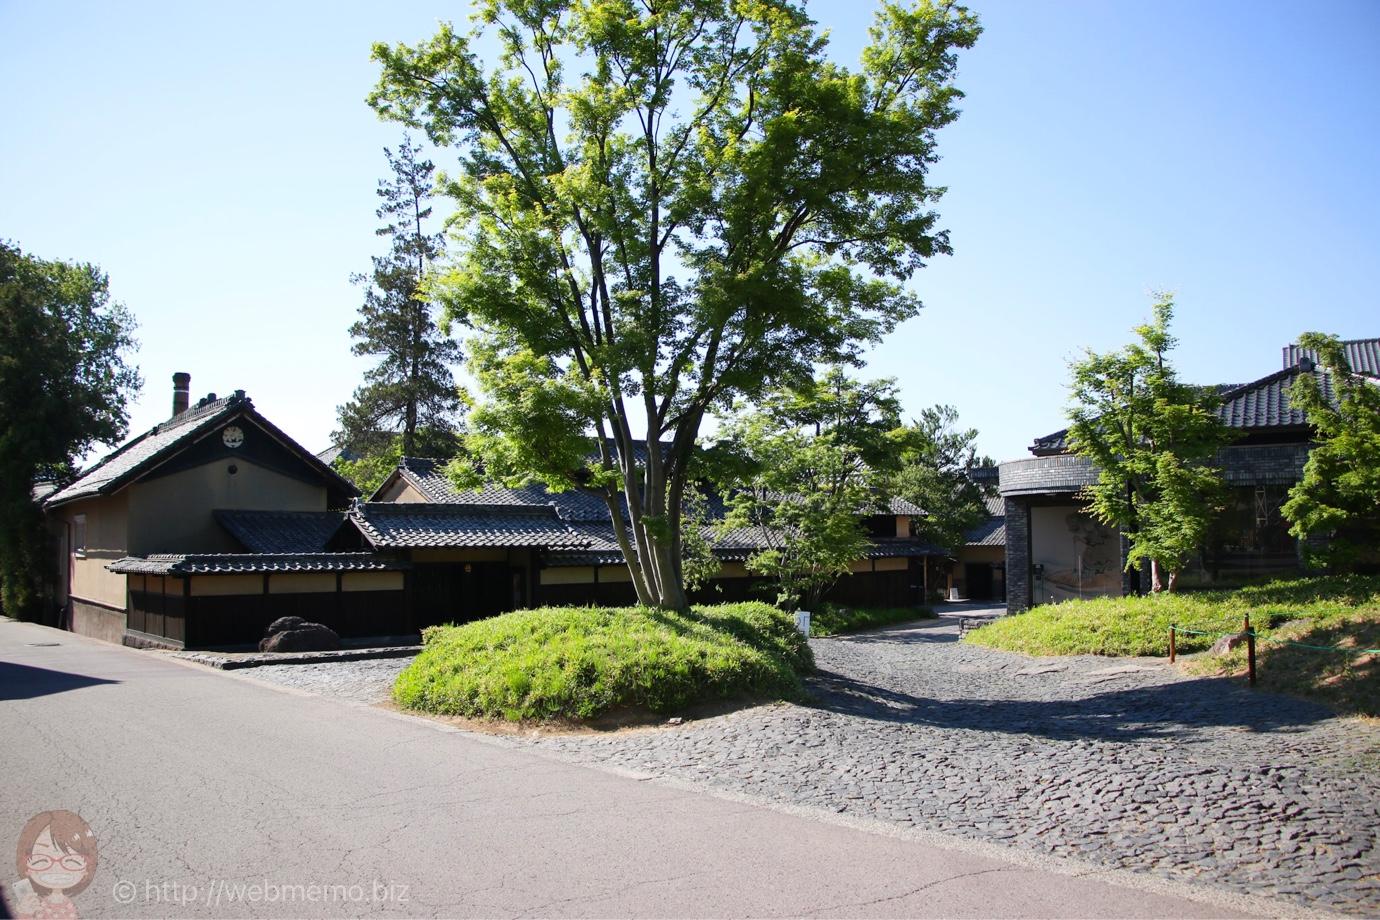 長野県小布施の街並み